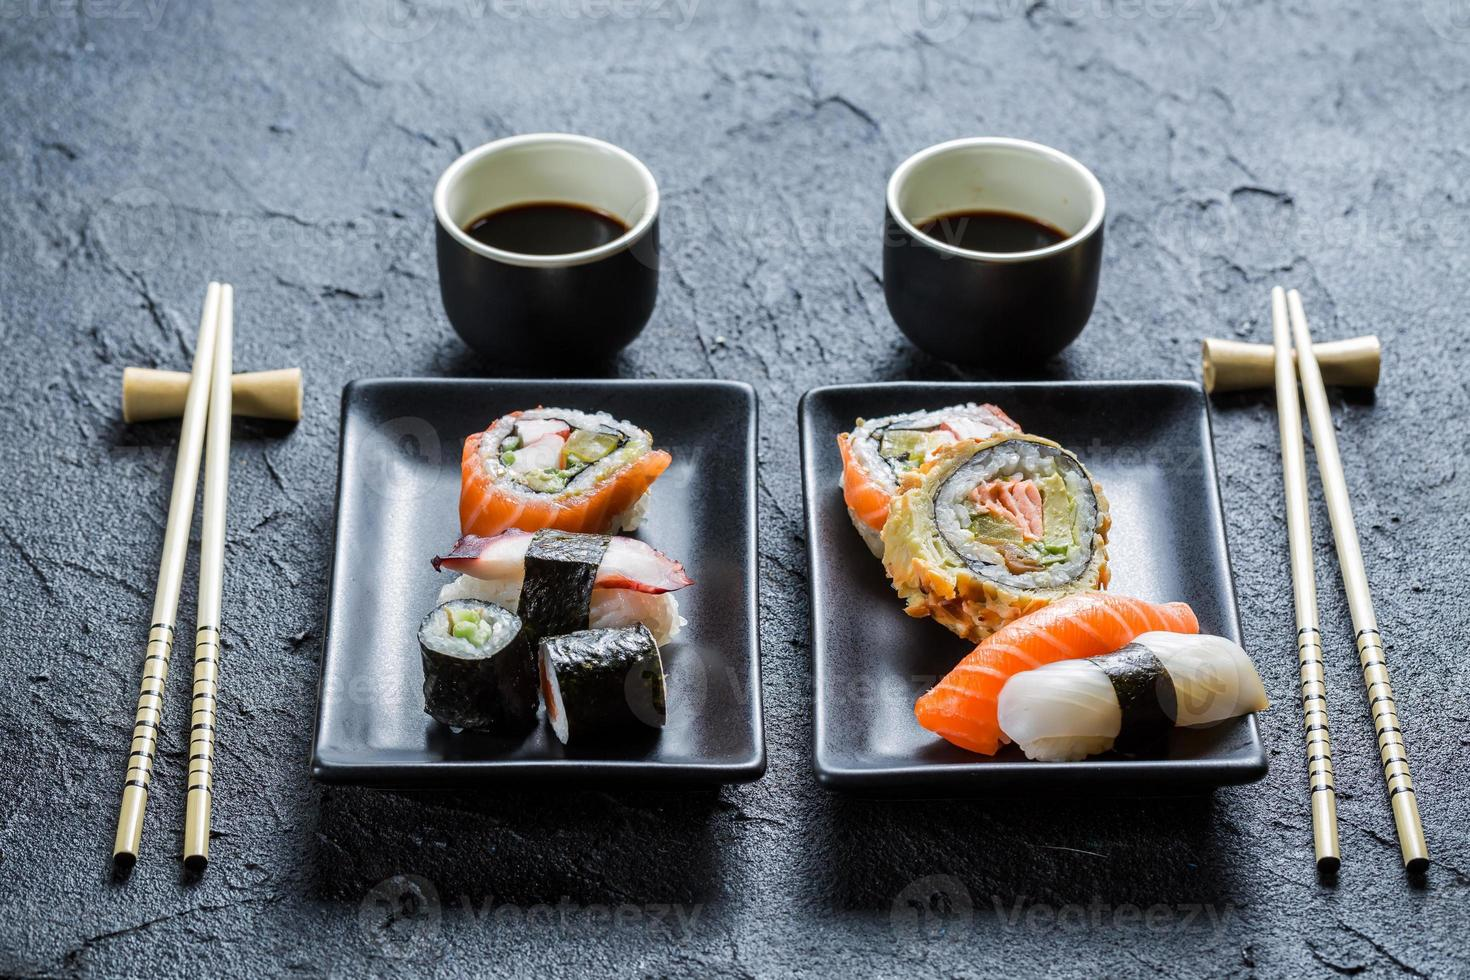 sushimiddag för två personer foto